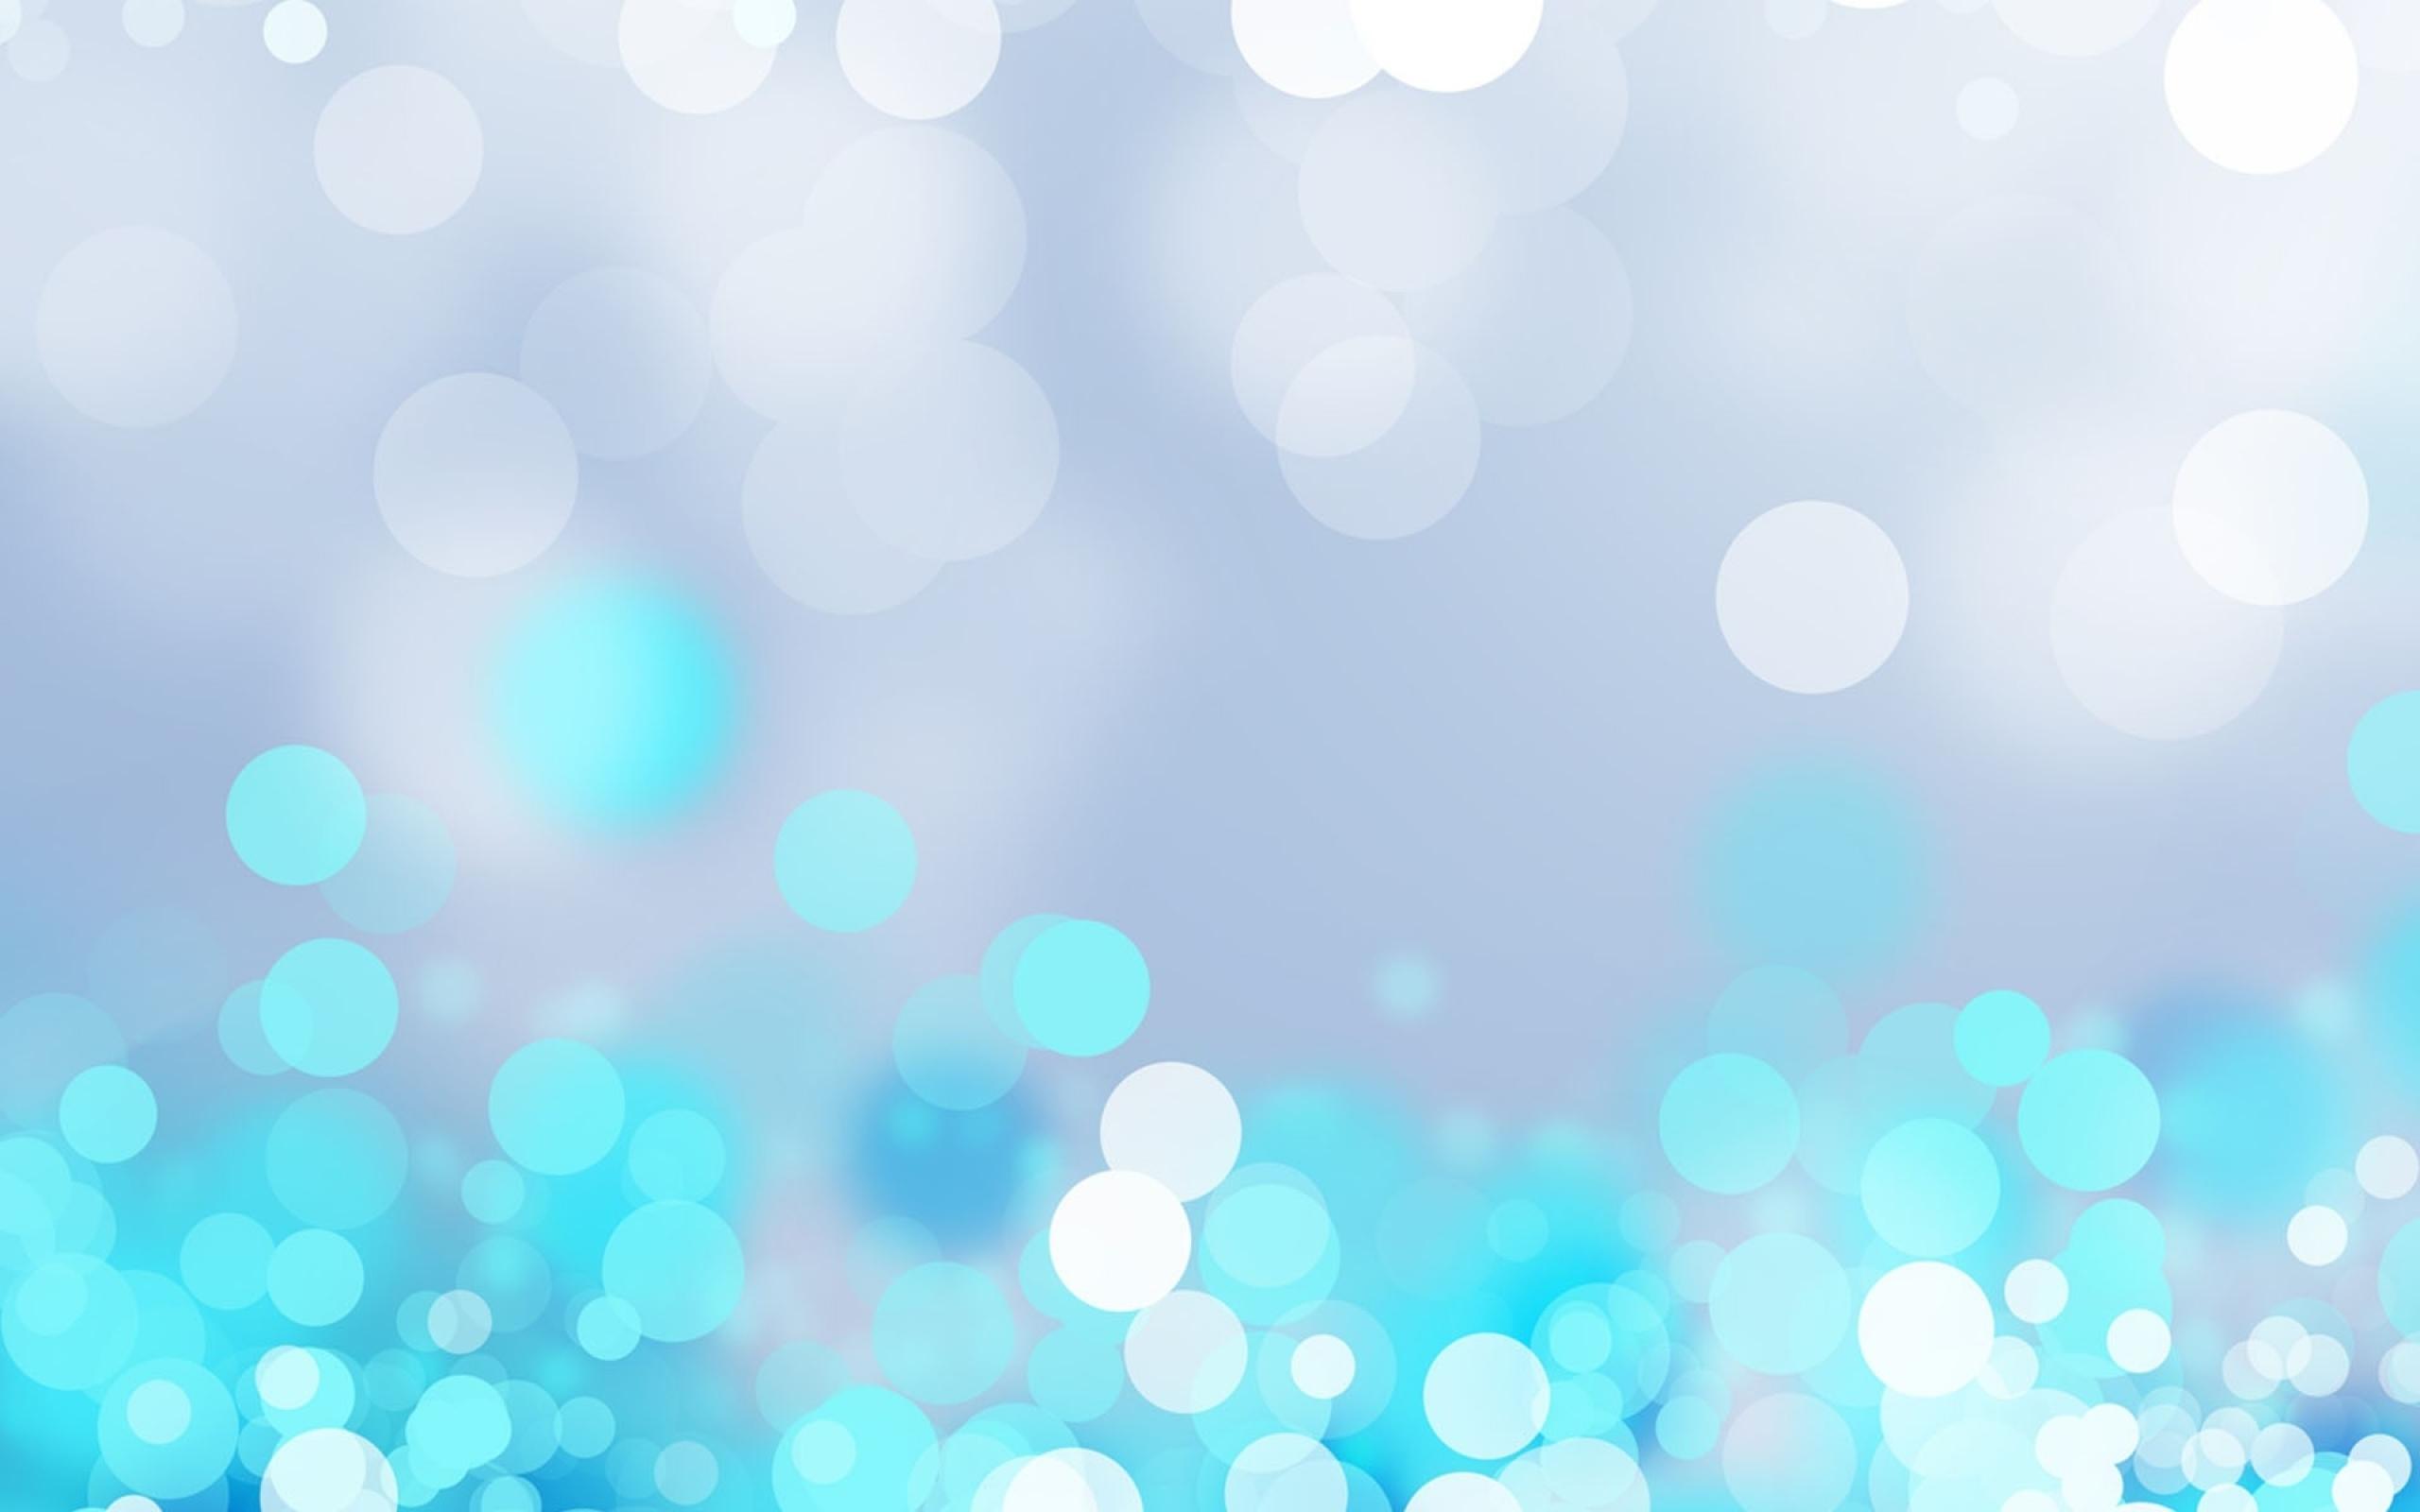 Light Blue Computer Wallpapers Desktop Backgrounds 2560x1600 ID 2560x1600